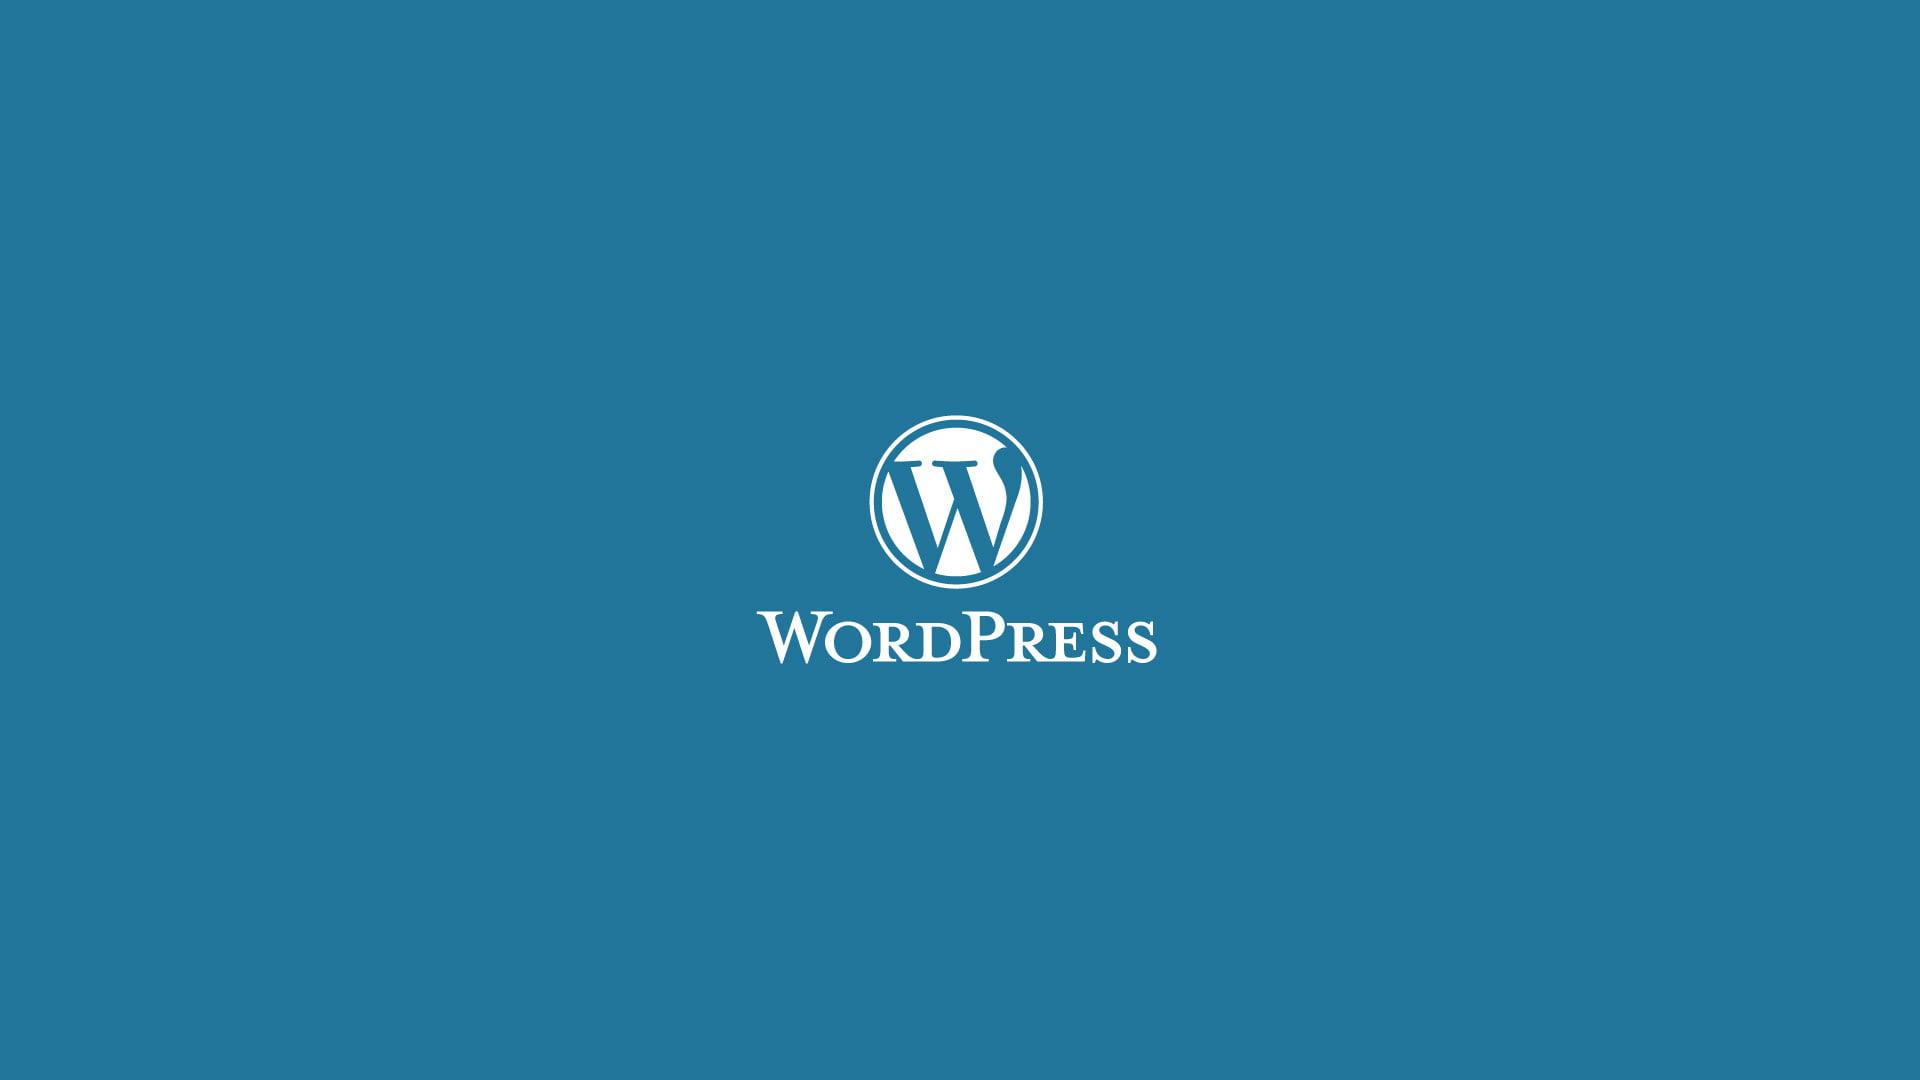 La aplicación de WordPress ya está disponible